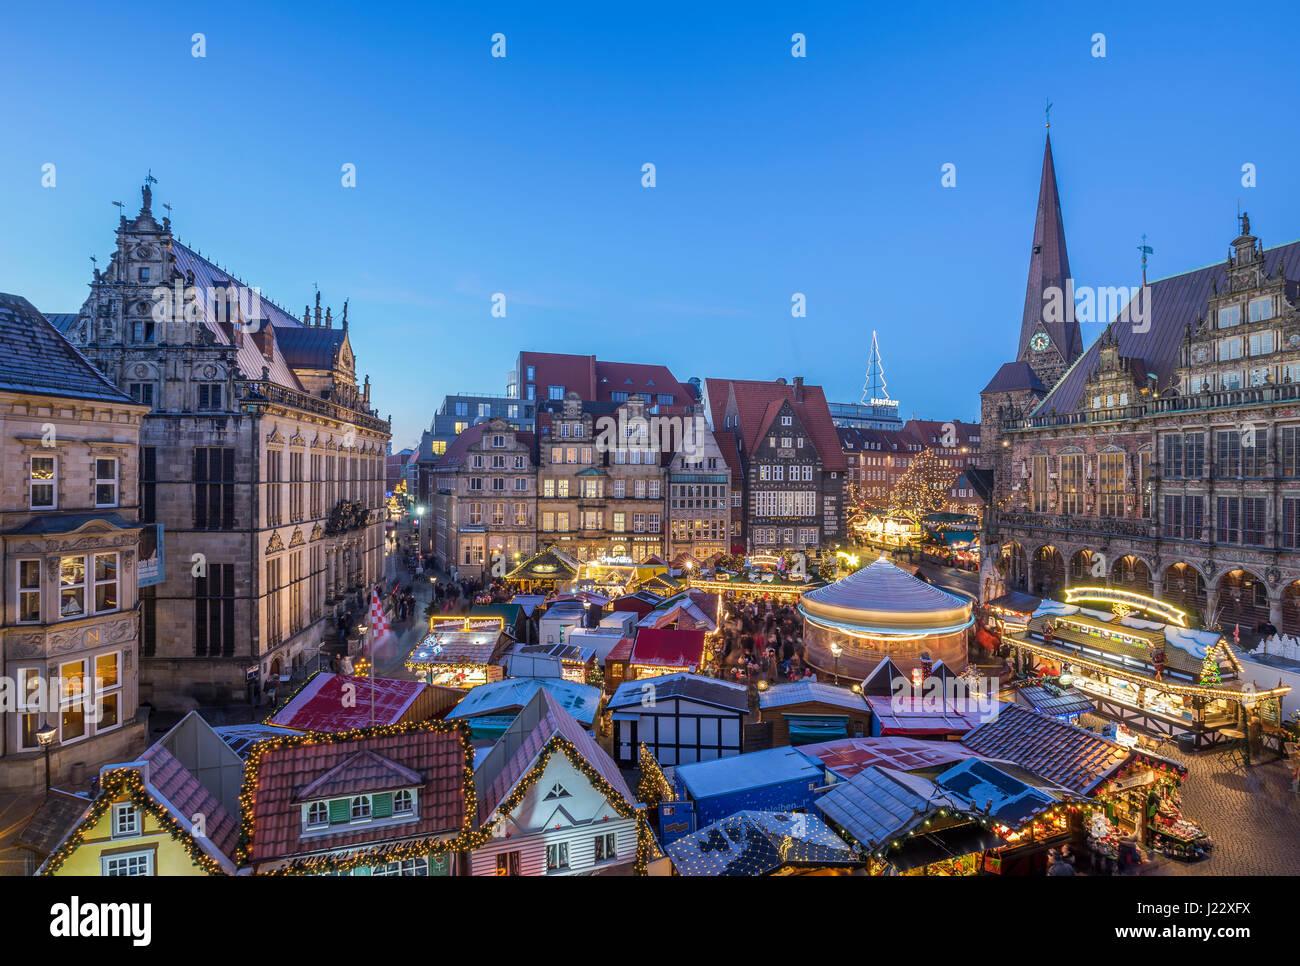 Bremen Weihnachtsmarkt.Deutschland Bremen Weihnachtsmarkt Am Marktplatz Am Abend Von Oben